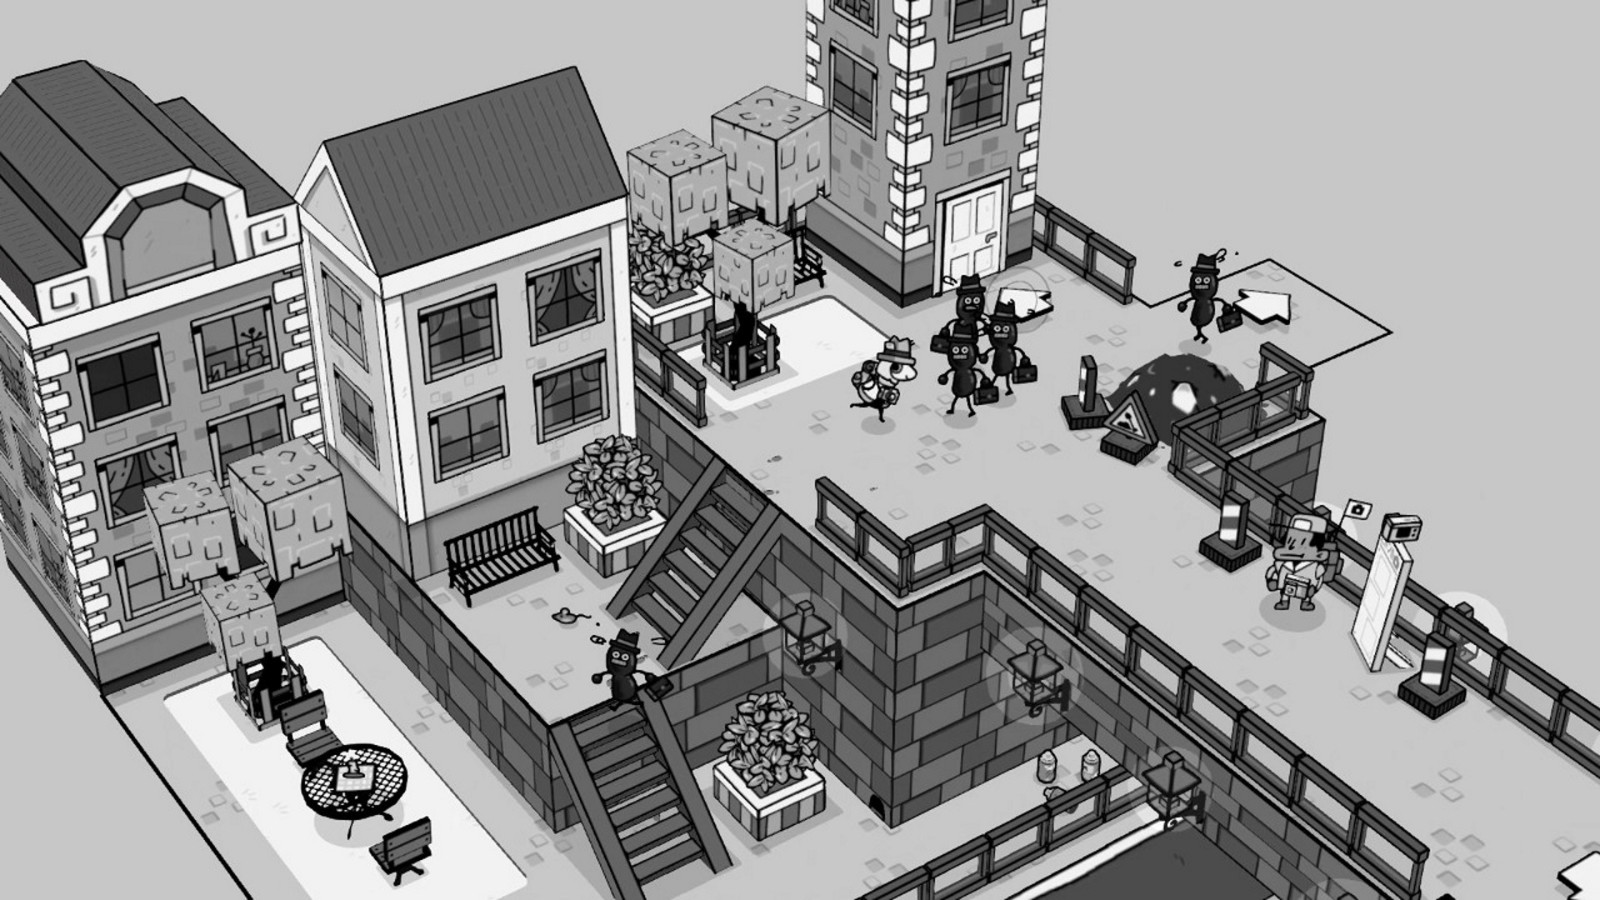 黑白手绘风《TOEM》今日发售 首发特惠促销插图9